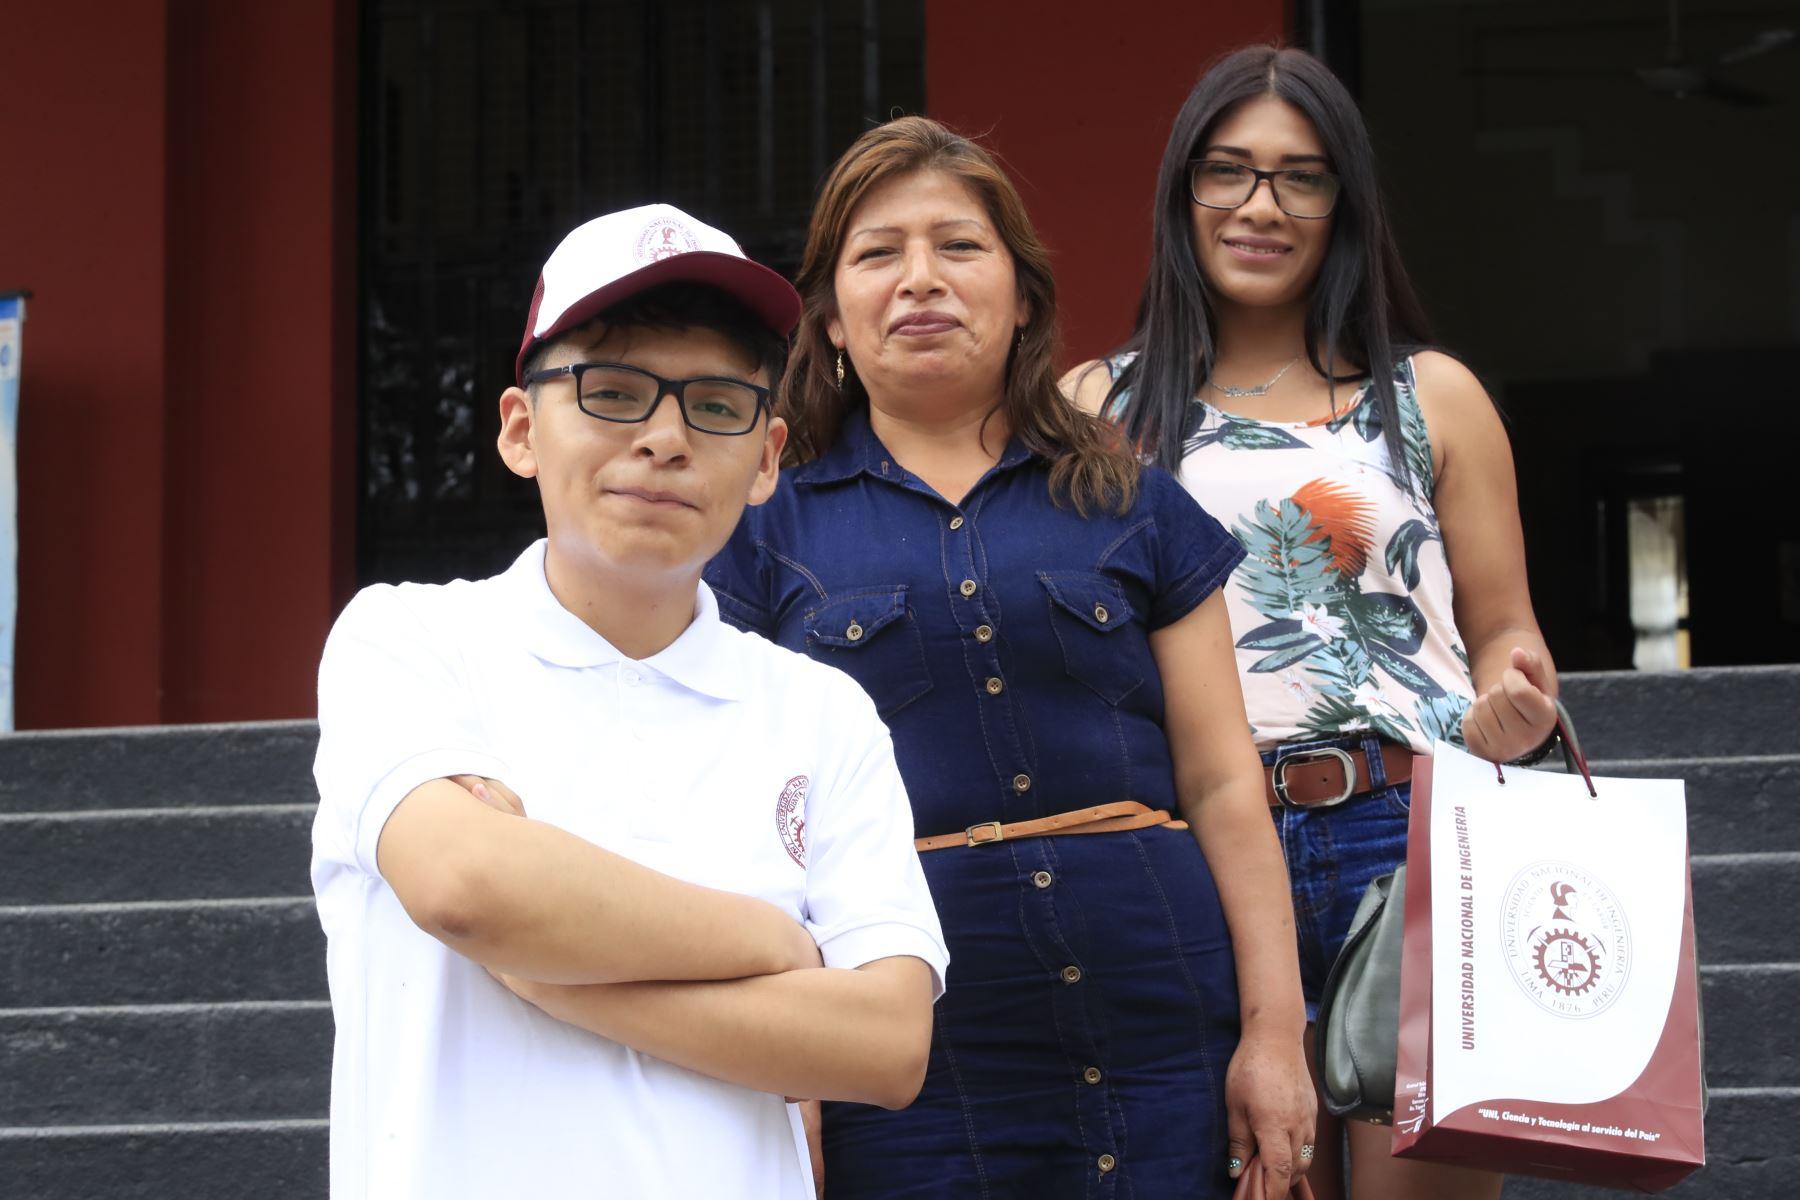 La Universidad Nacional de Ingeniería presentó tres primeros puestos del Concurso de Admisión 2020-1. Alessandro Lisarazo Ortíz, primer puesto acompañado de su madre y hermana  Foto: ANDINA/Juan Carlos Guzmán Negrini.